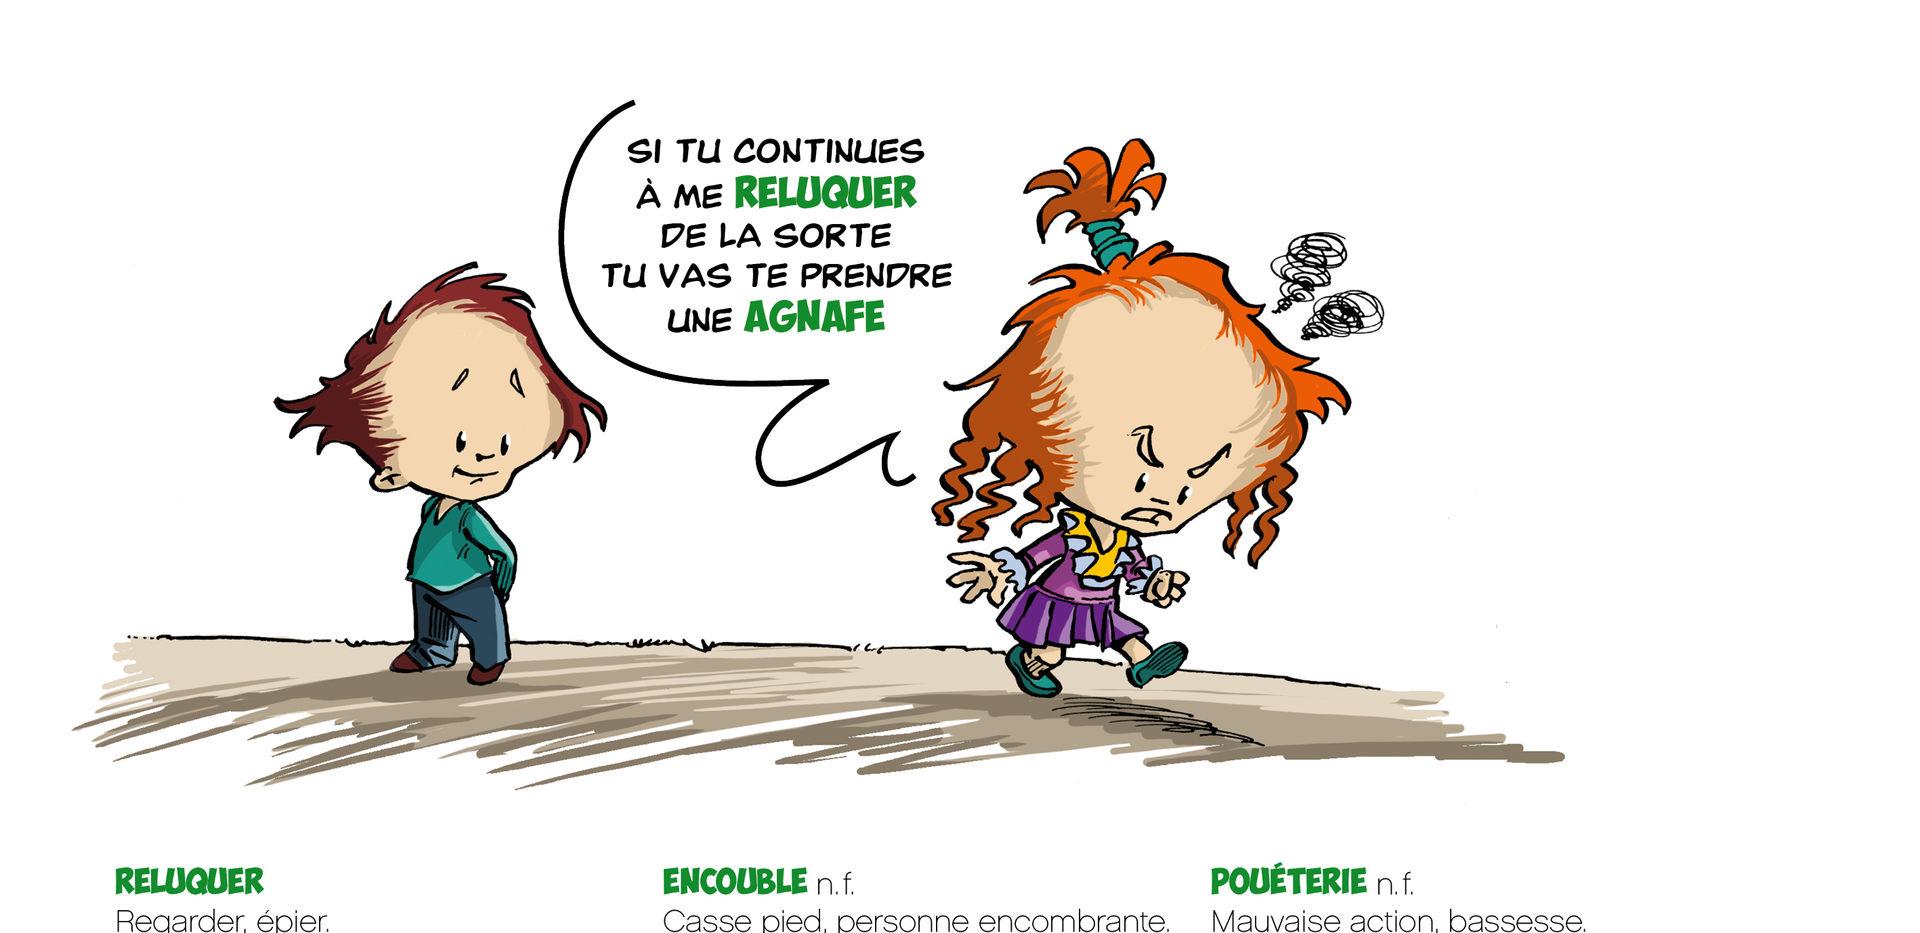 Vaudoiseries-image7.jpg